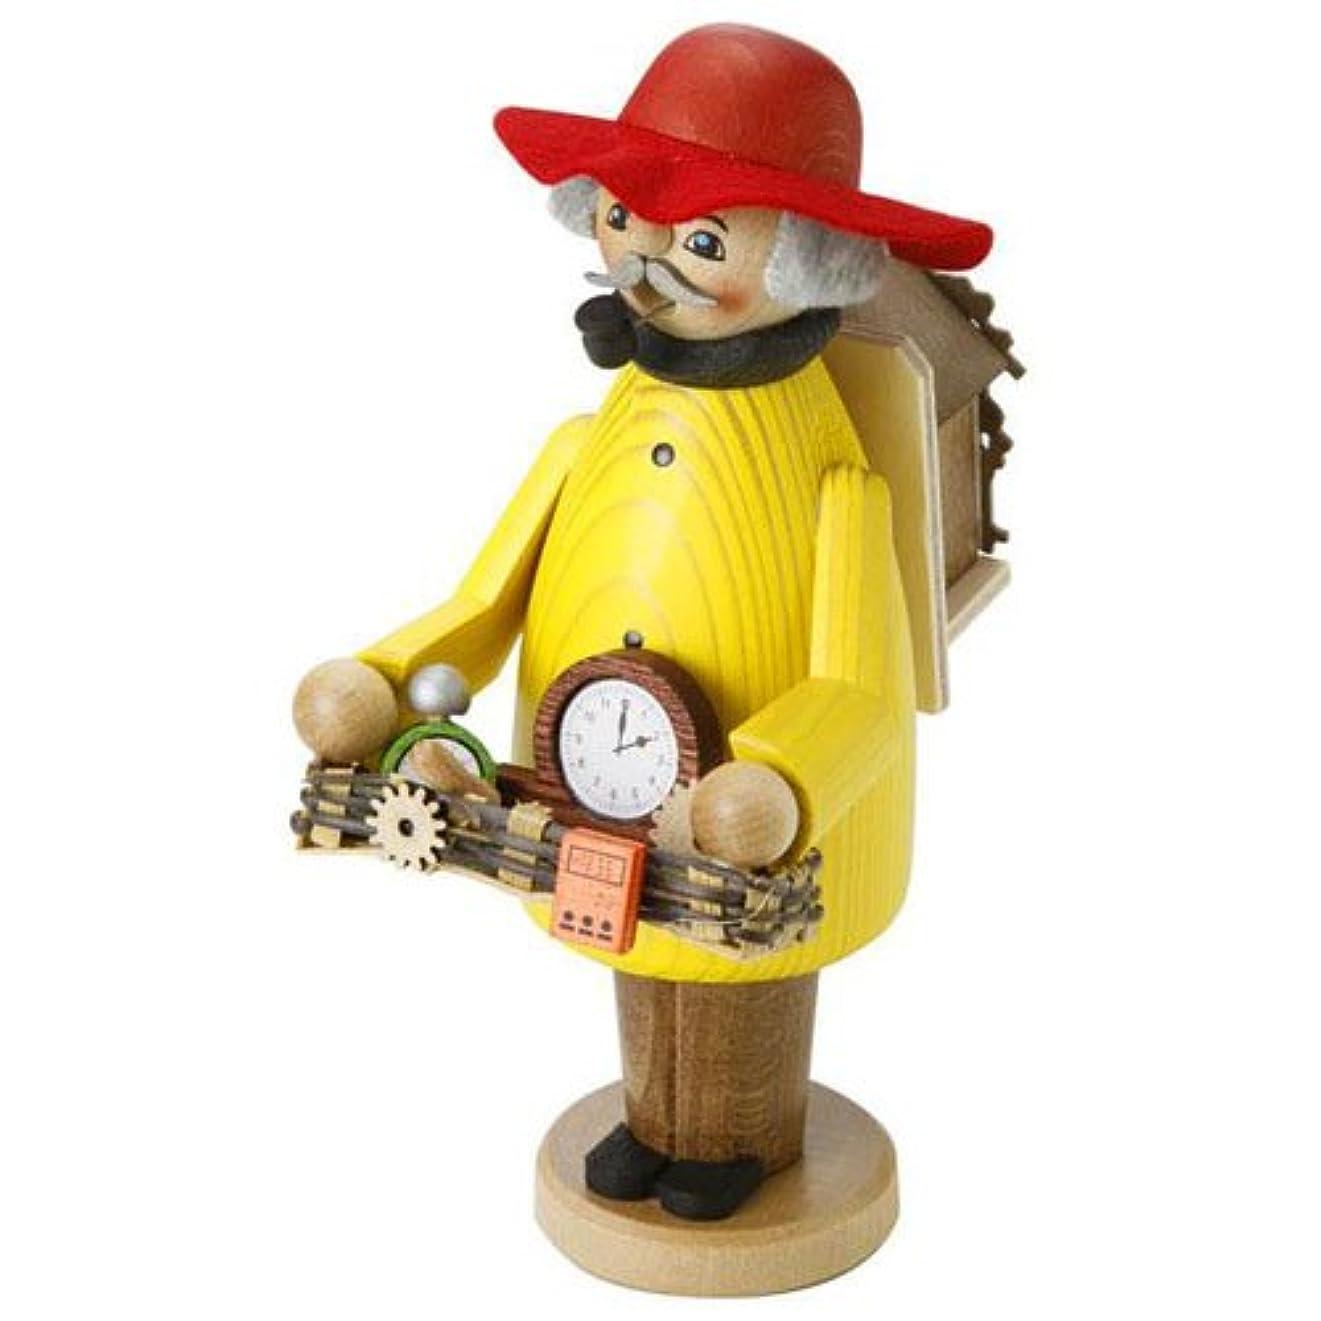 嘆願滅びるはしごkuhnert ミニパイプ人形香炉 時計売り